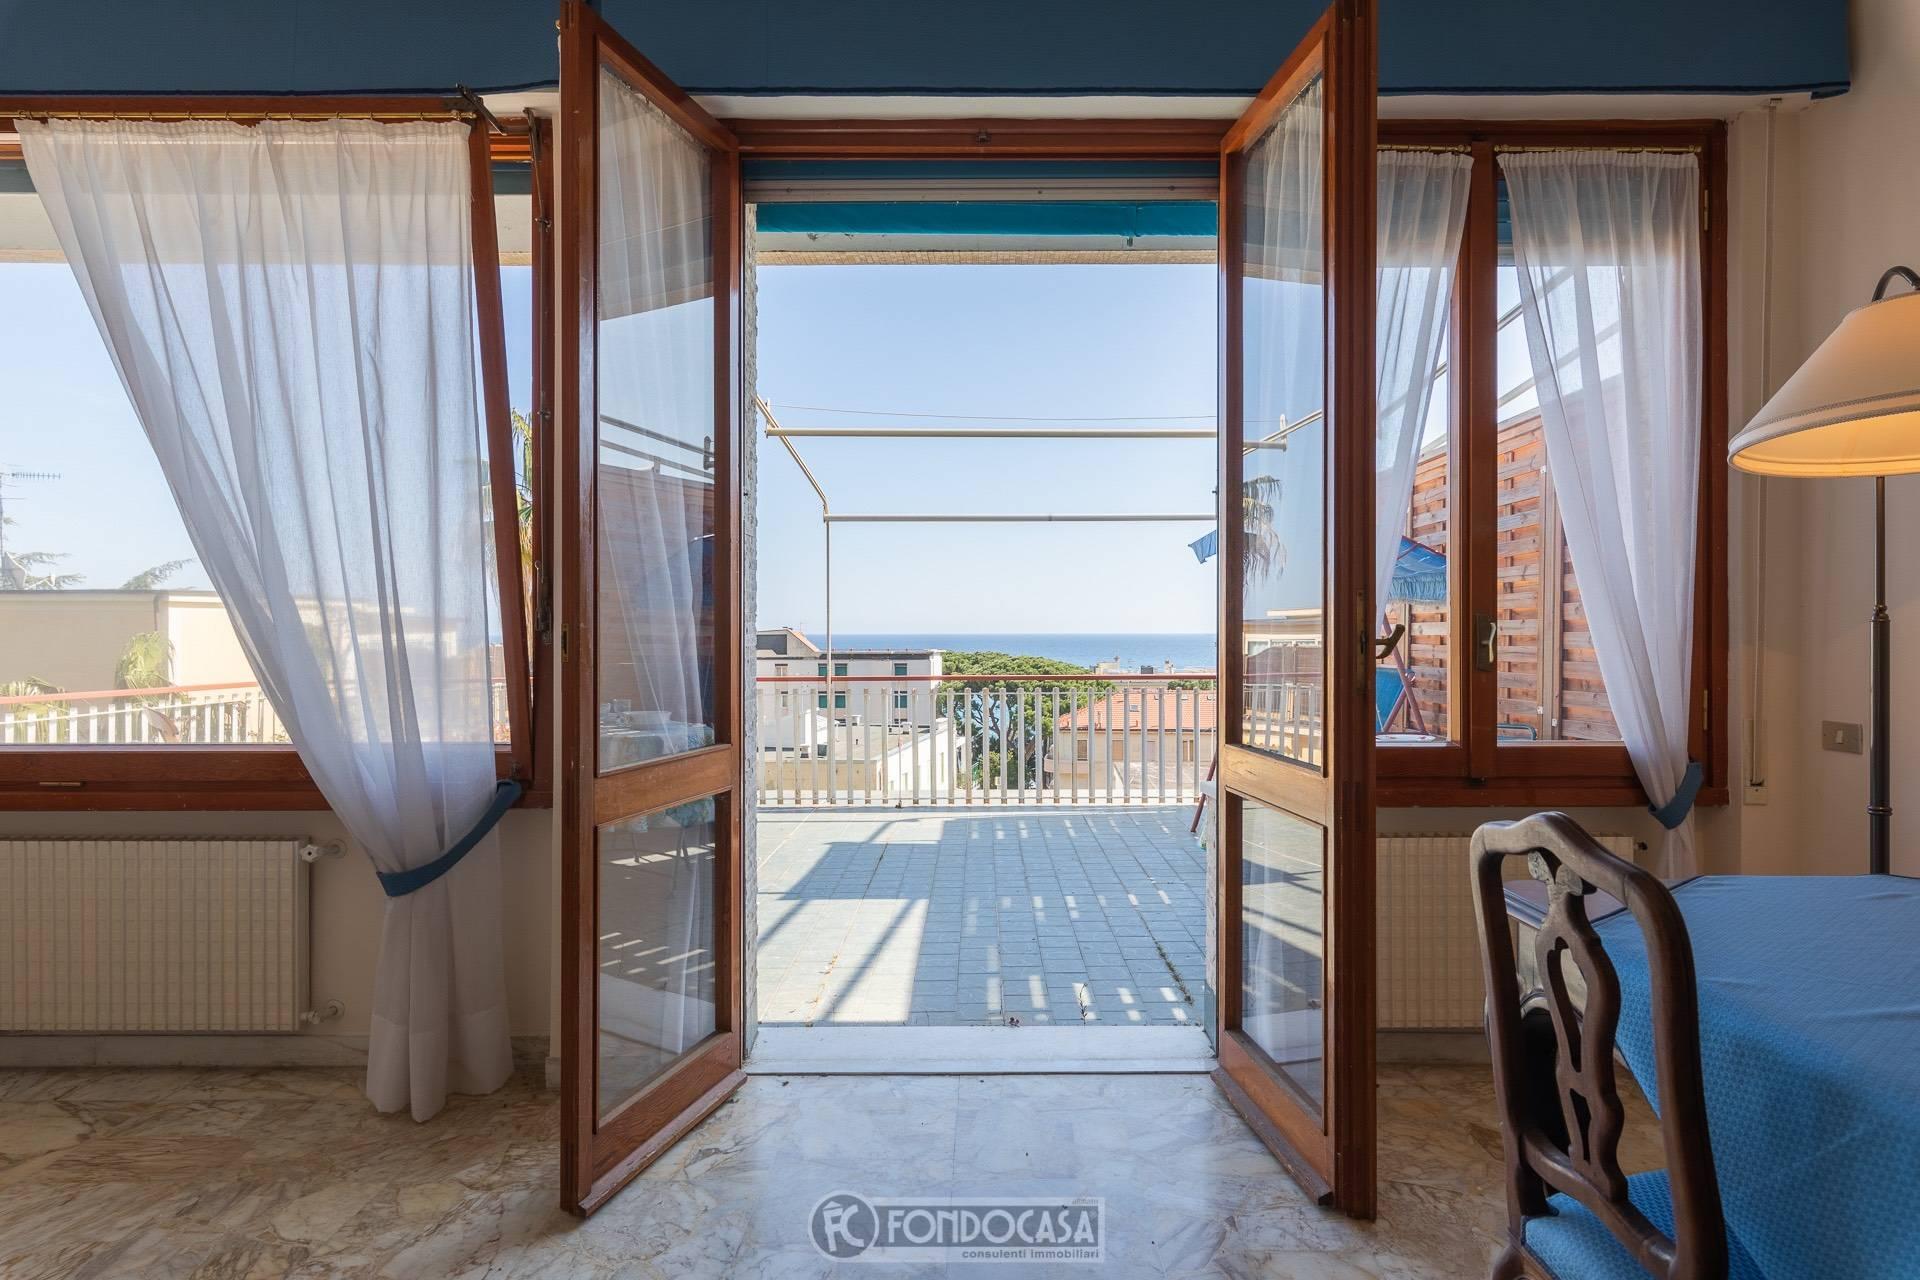 Attico / Mansarda in vendita a Alassio, 5 locali, prezzo € 950.000 | PortaleAgenzieImmobiliari.it